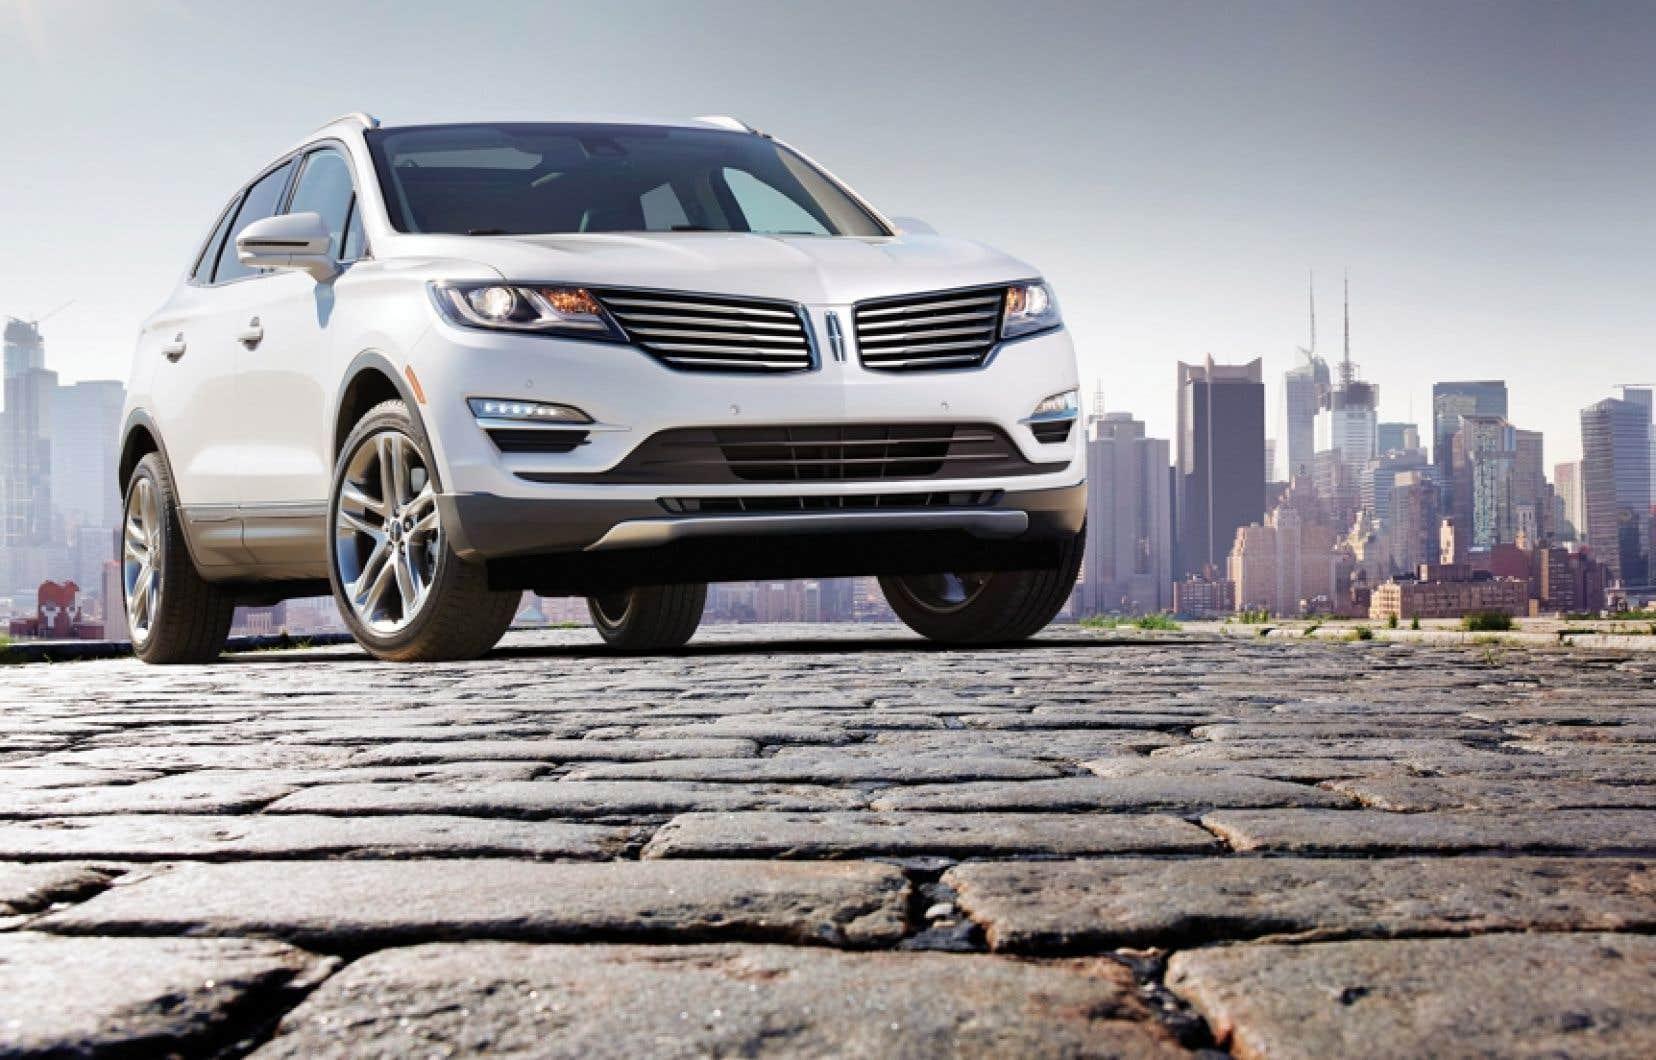 Lincoln promet un multisegment de luxe qui pourrait permettre à la marque de se réinventer.